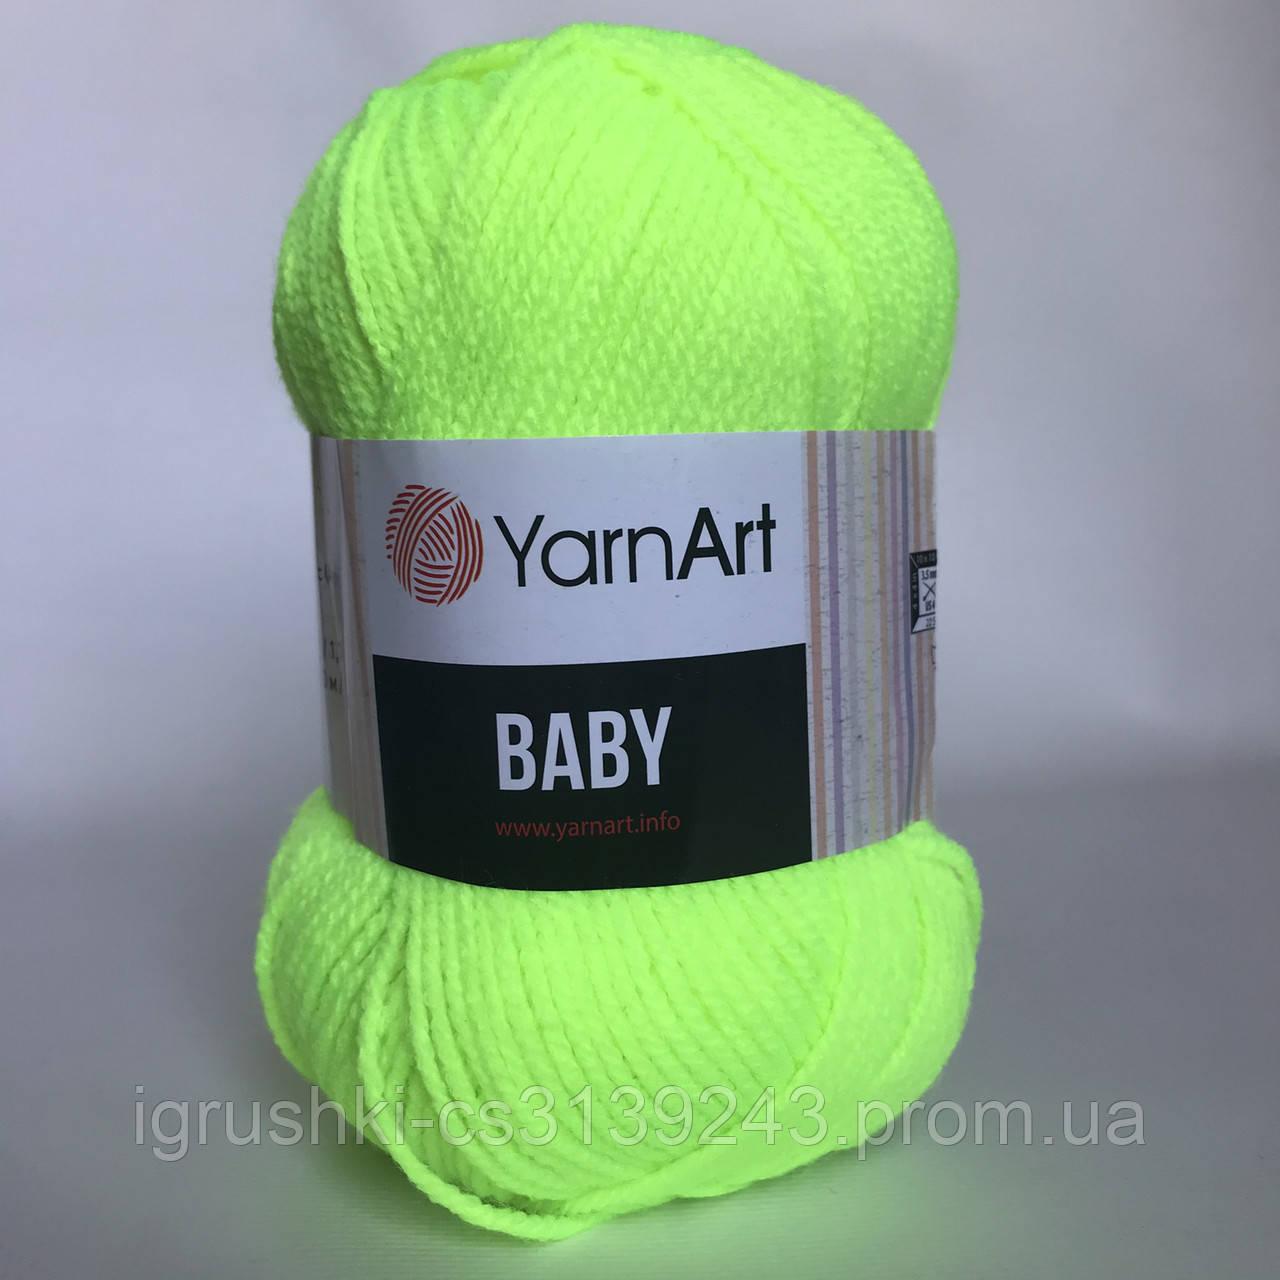 Акрил YarnArt Baby (бебі) 8232 Лайм